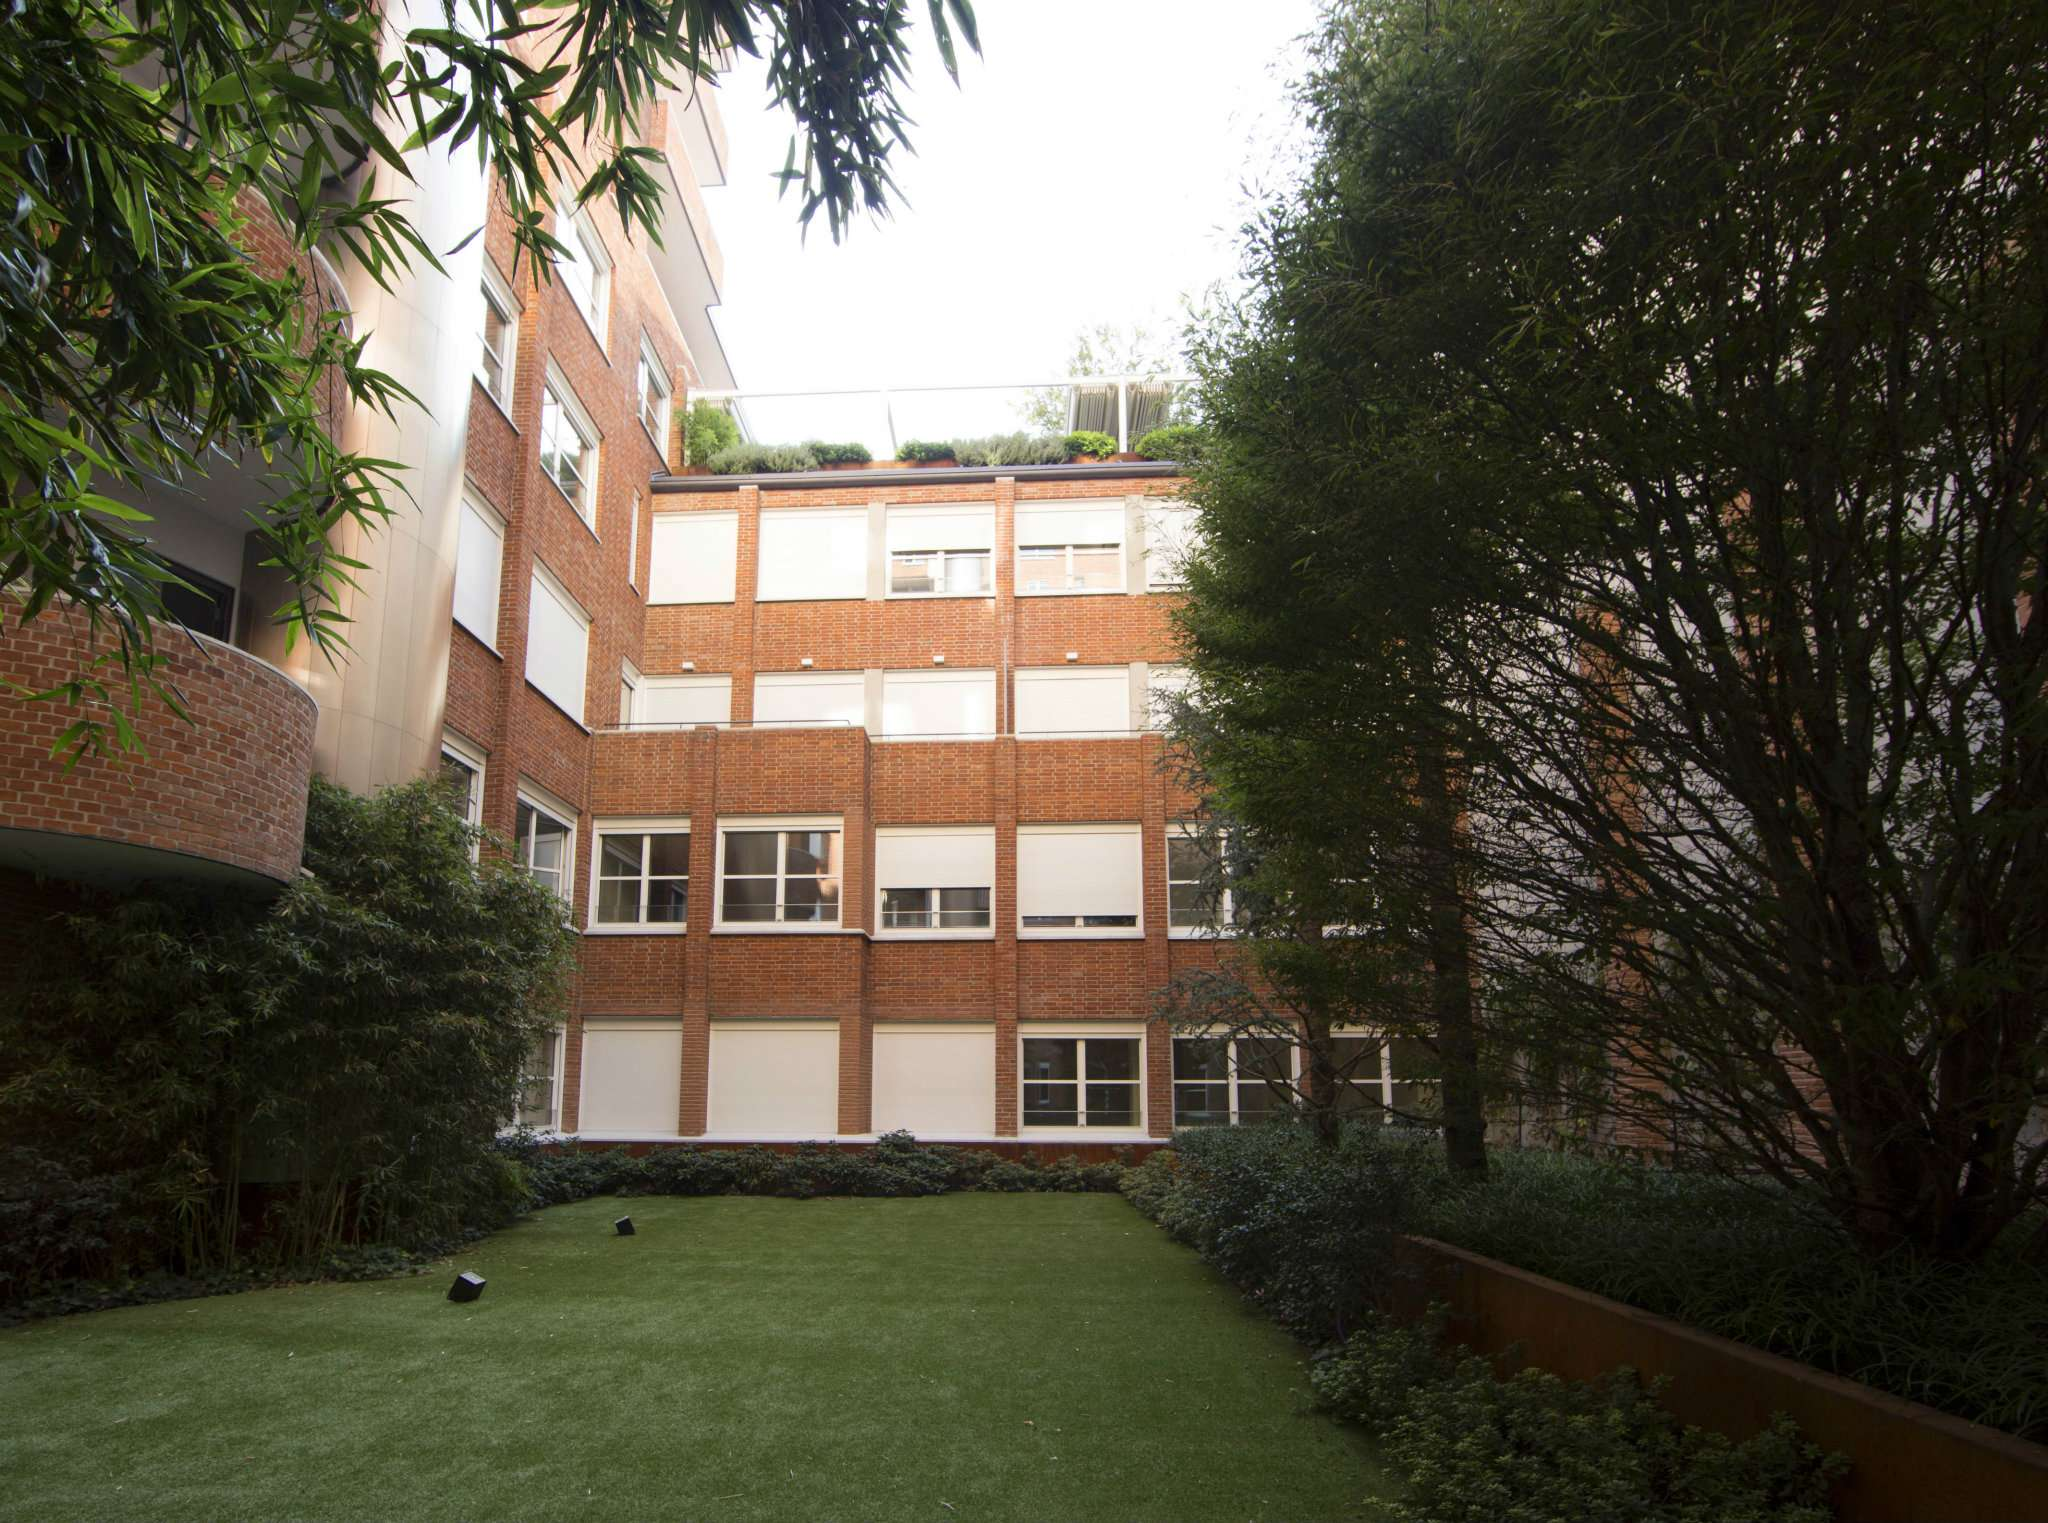 Appartamento in Vendita a Milano 01 Centro storico (Cerchia dei Navigli):  2 locali, 90 mq  - Foto 1